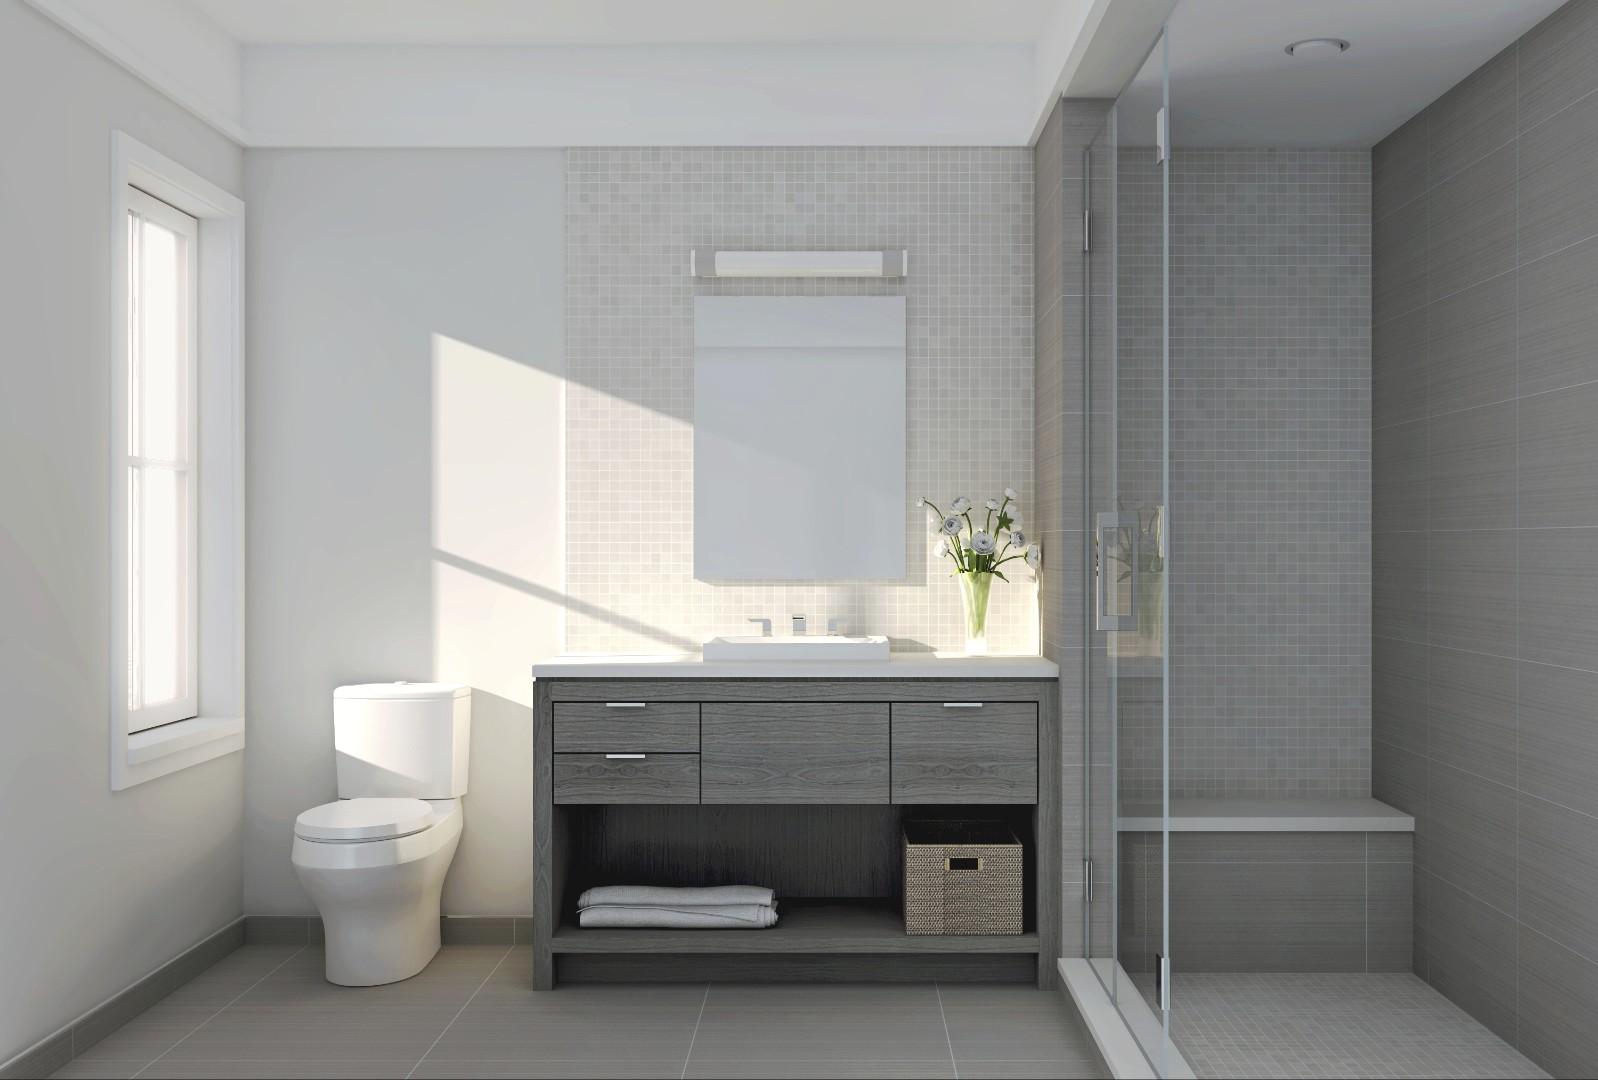 Fagan Guest Bath 4E7.jpg